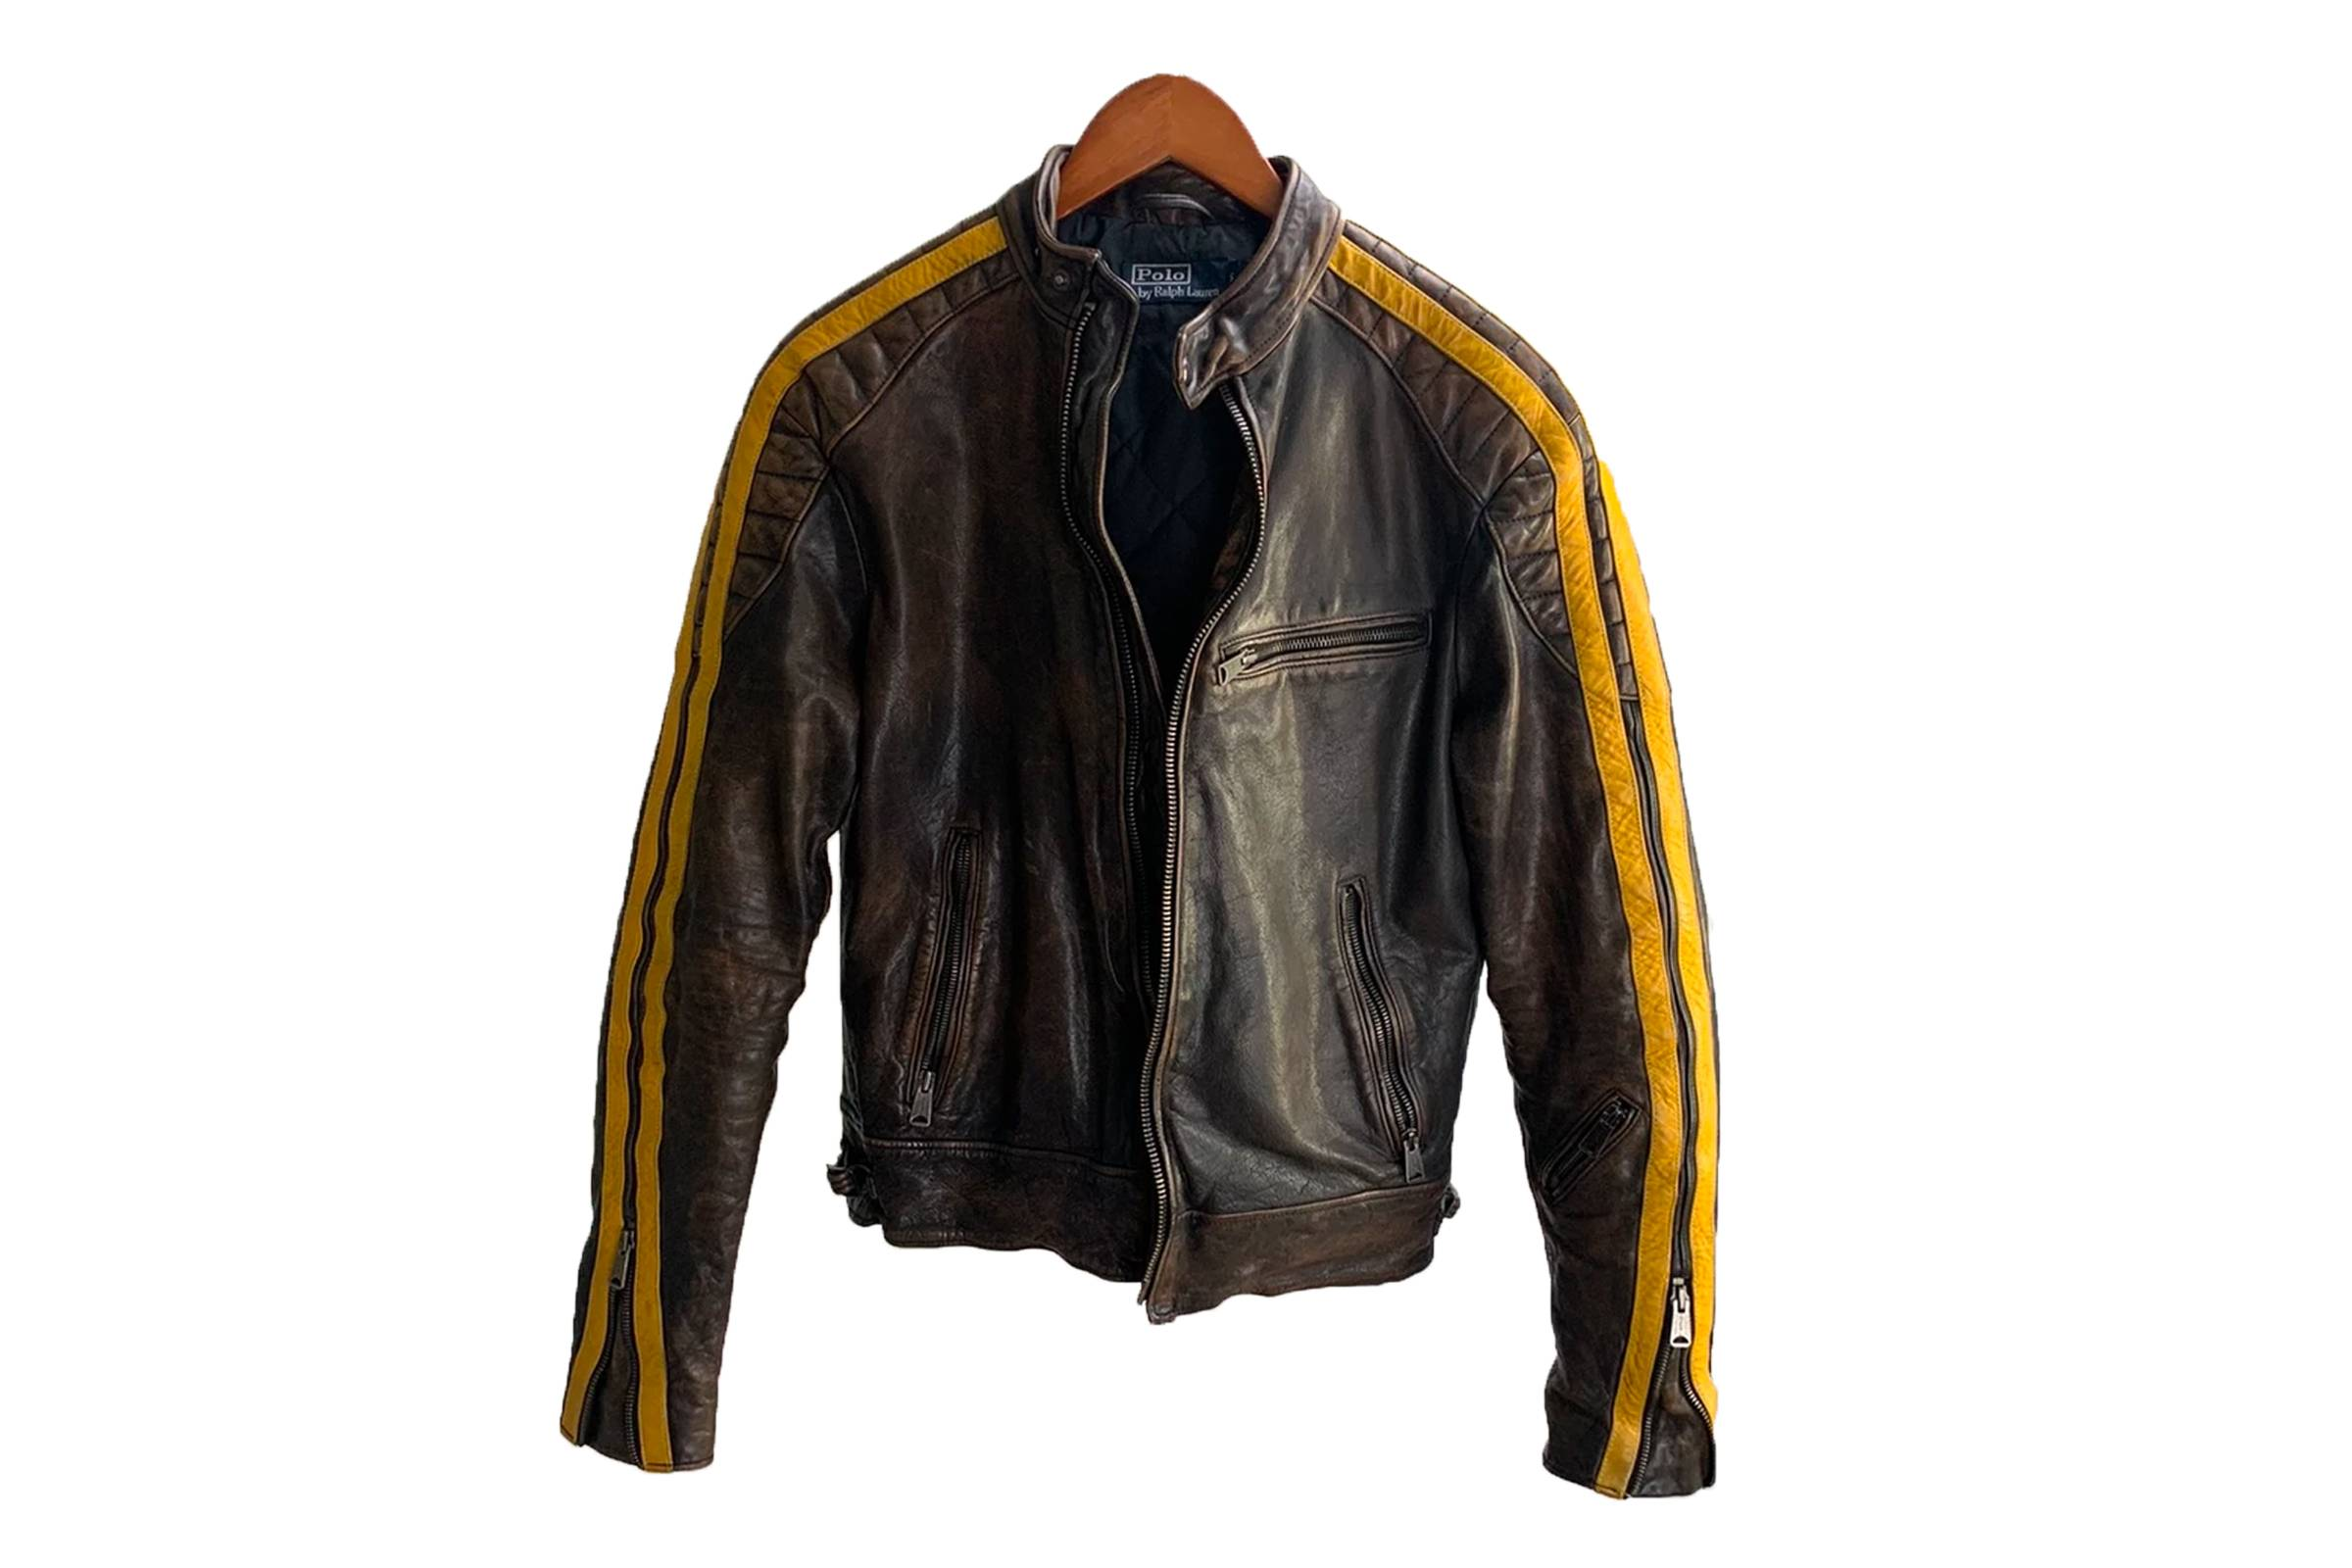 Polo Ralph Lauren Leather Racing Jacket